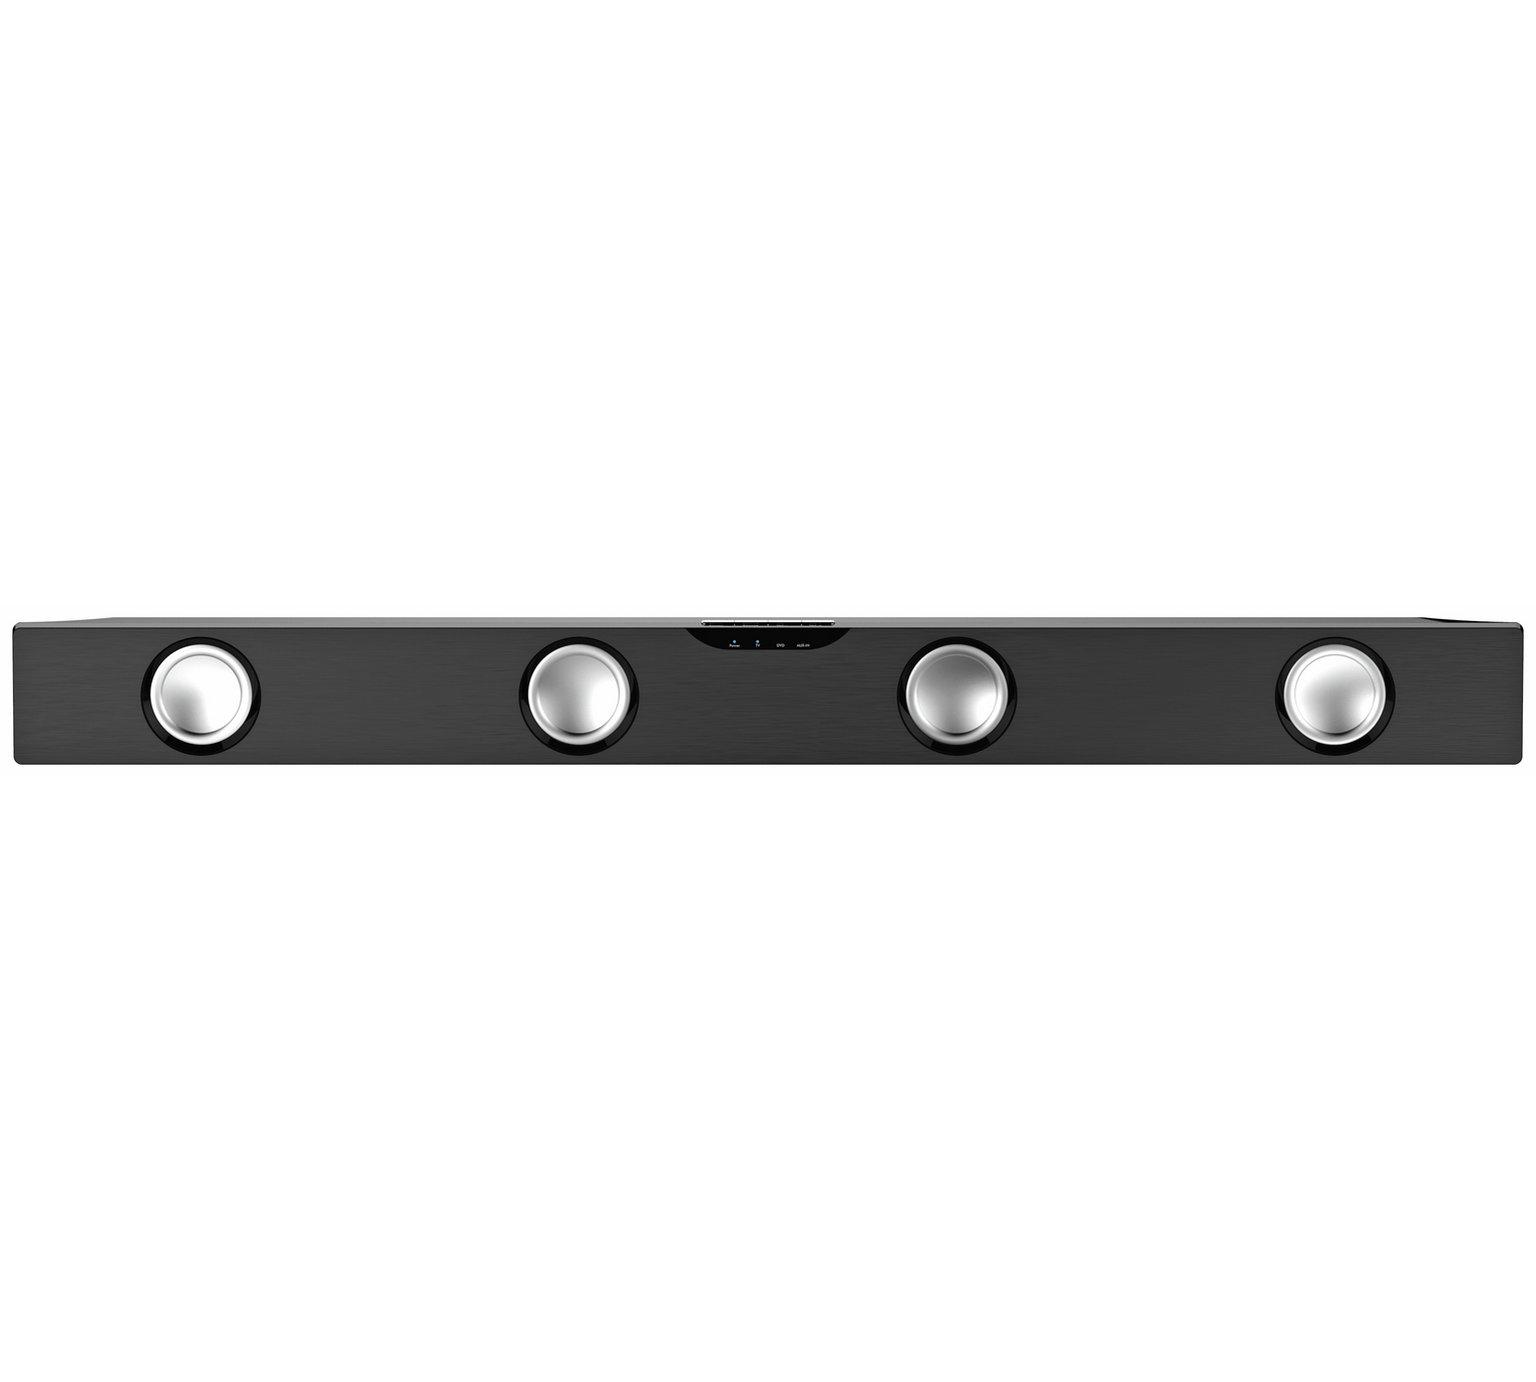 Bush 100W 2.1Ch All In One Sound Bar with Bluetooth